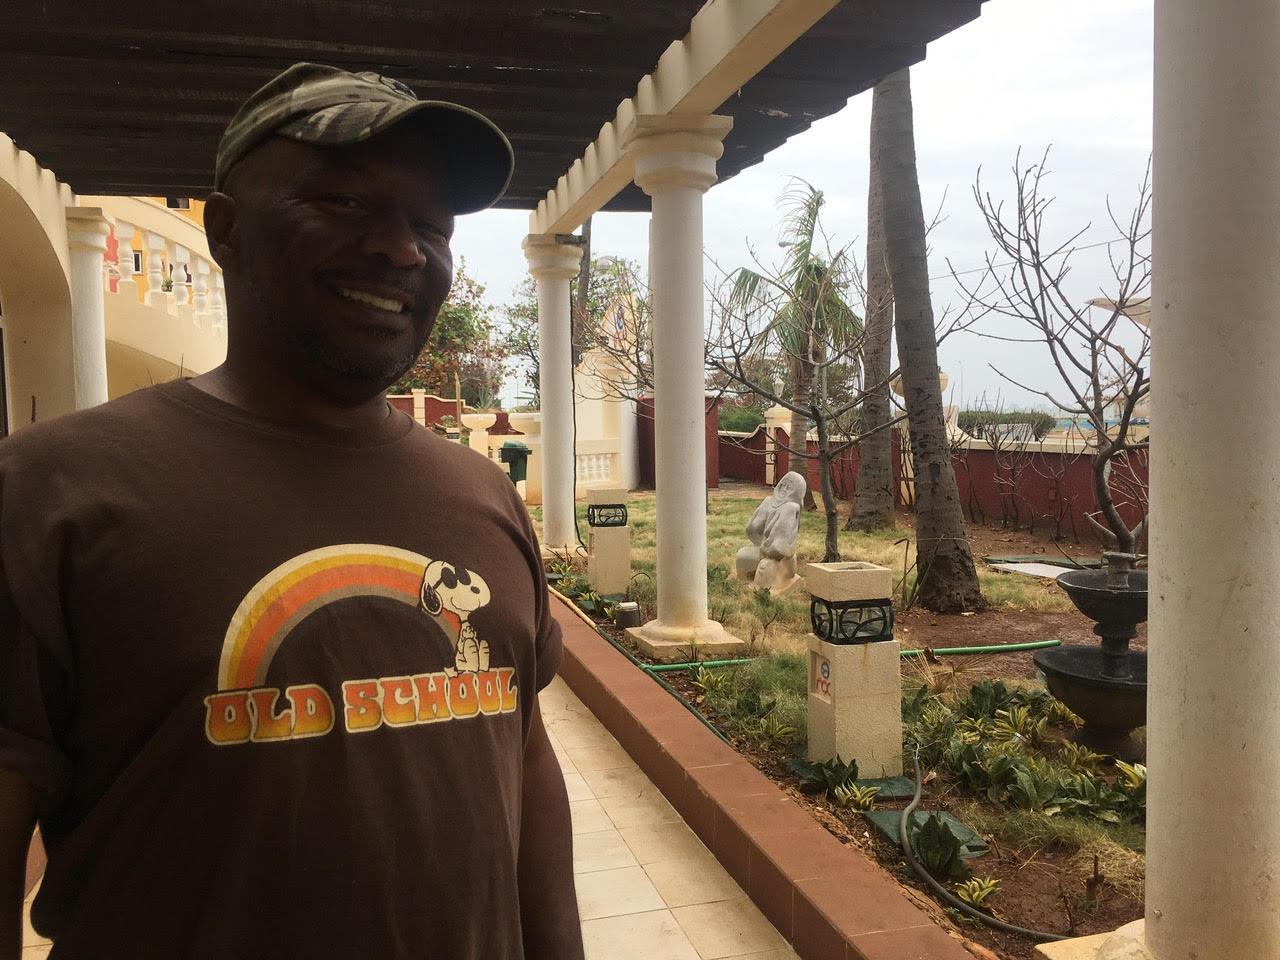 Chip E. in Cuba